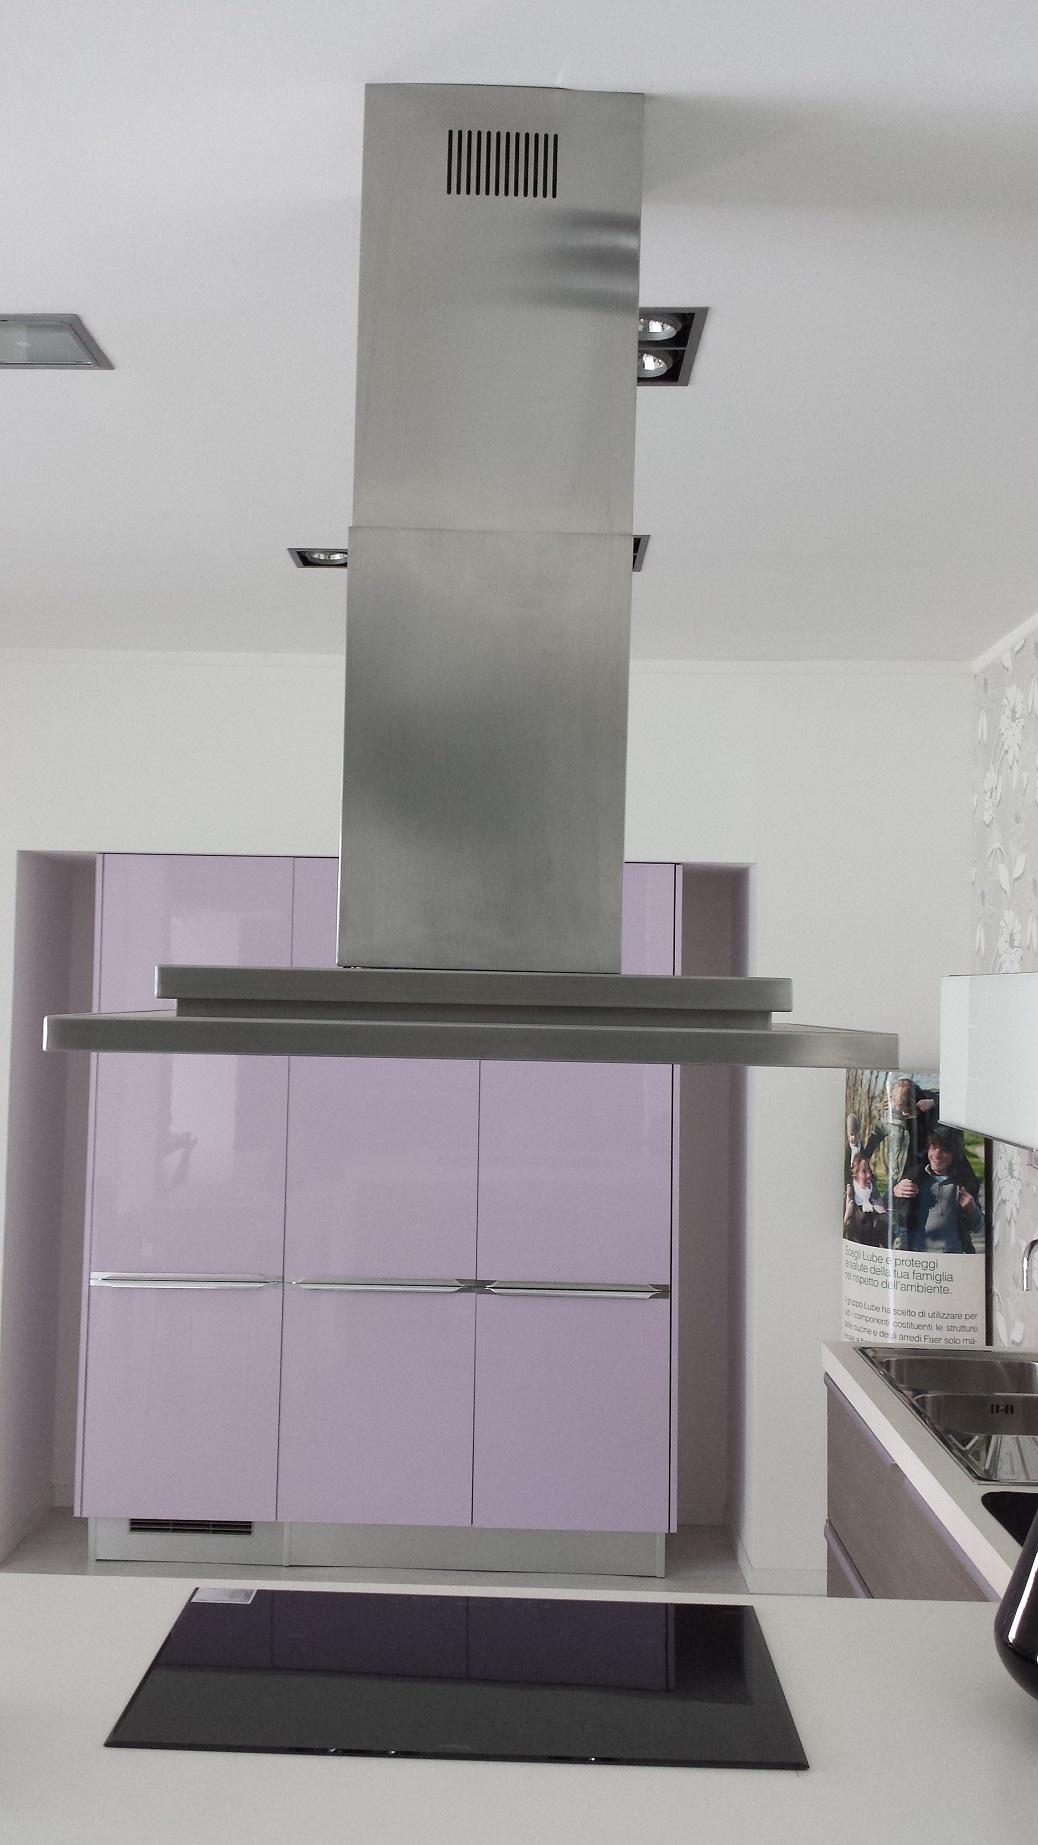 Cucine Lube In Polimerico: Cucina lube modello essenza polimerico ...